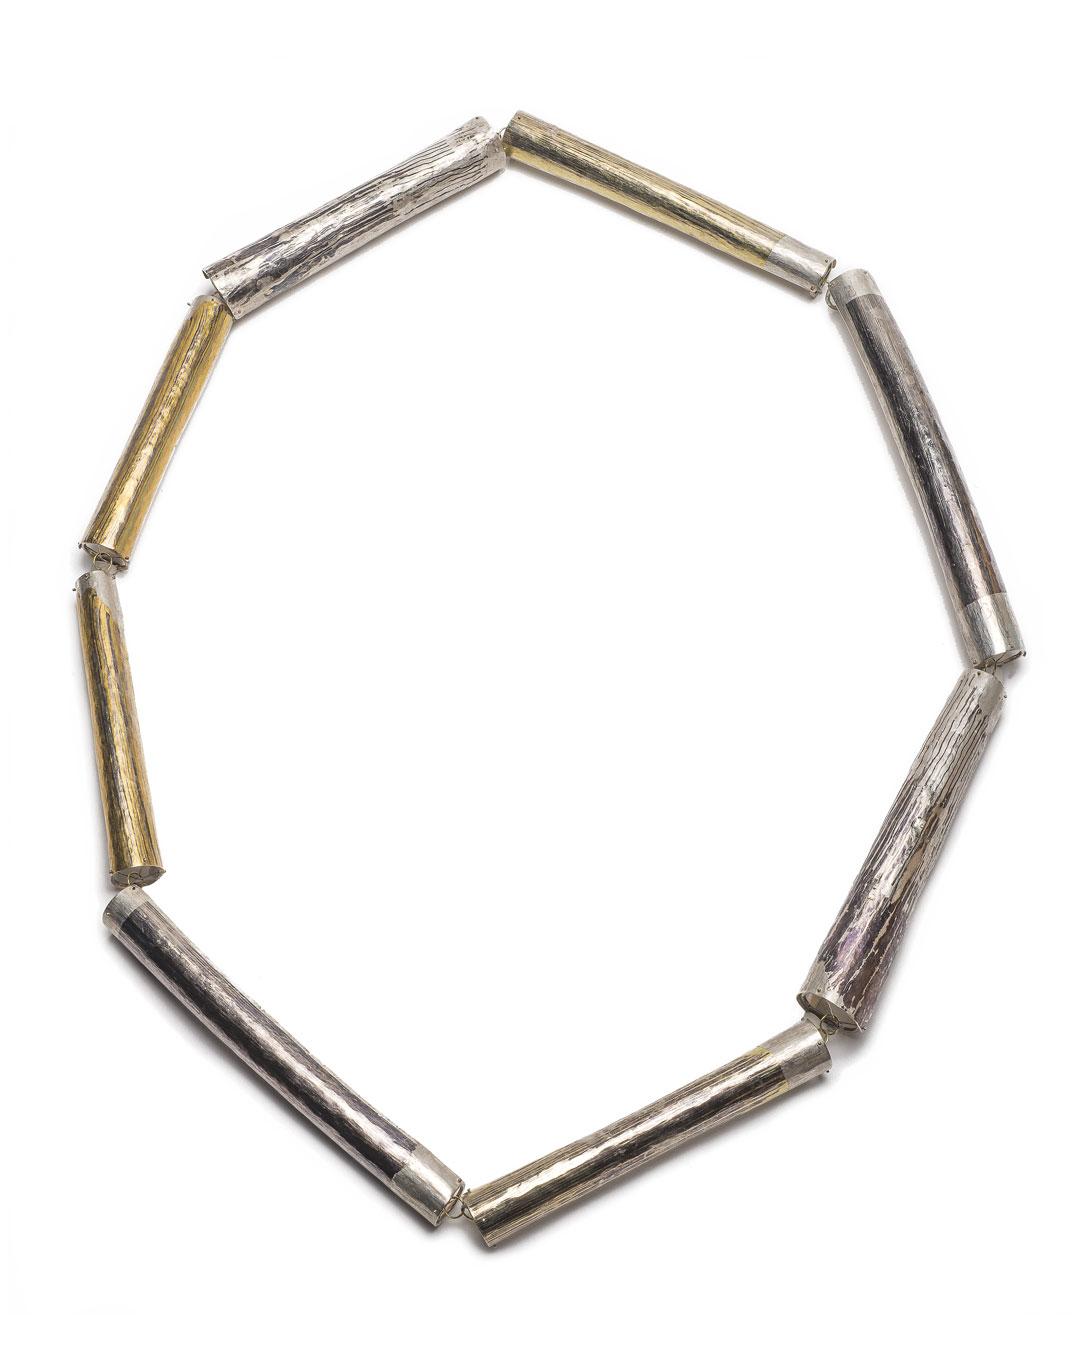 Stefano Marchetti, untitled, 2018, necklace; silver, shibuichi, gold, palladium, 370 x 81 x 6 mm, price on request